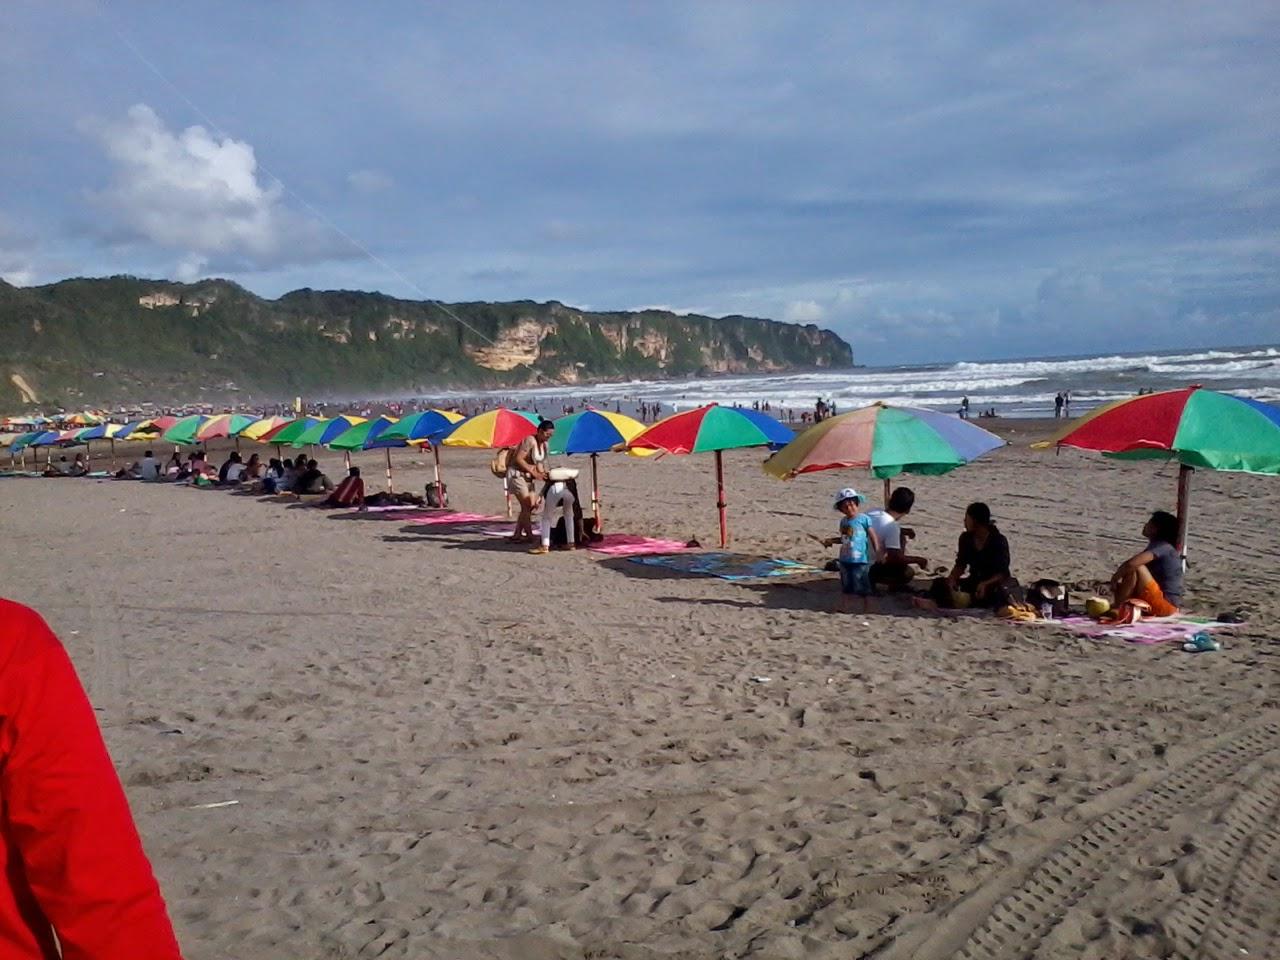 Parang Tritis Beach - Yogyakarta - Central java